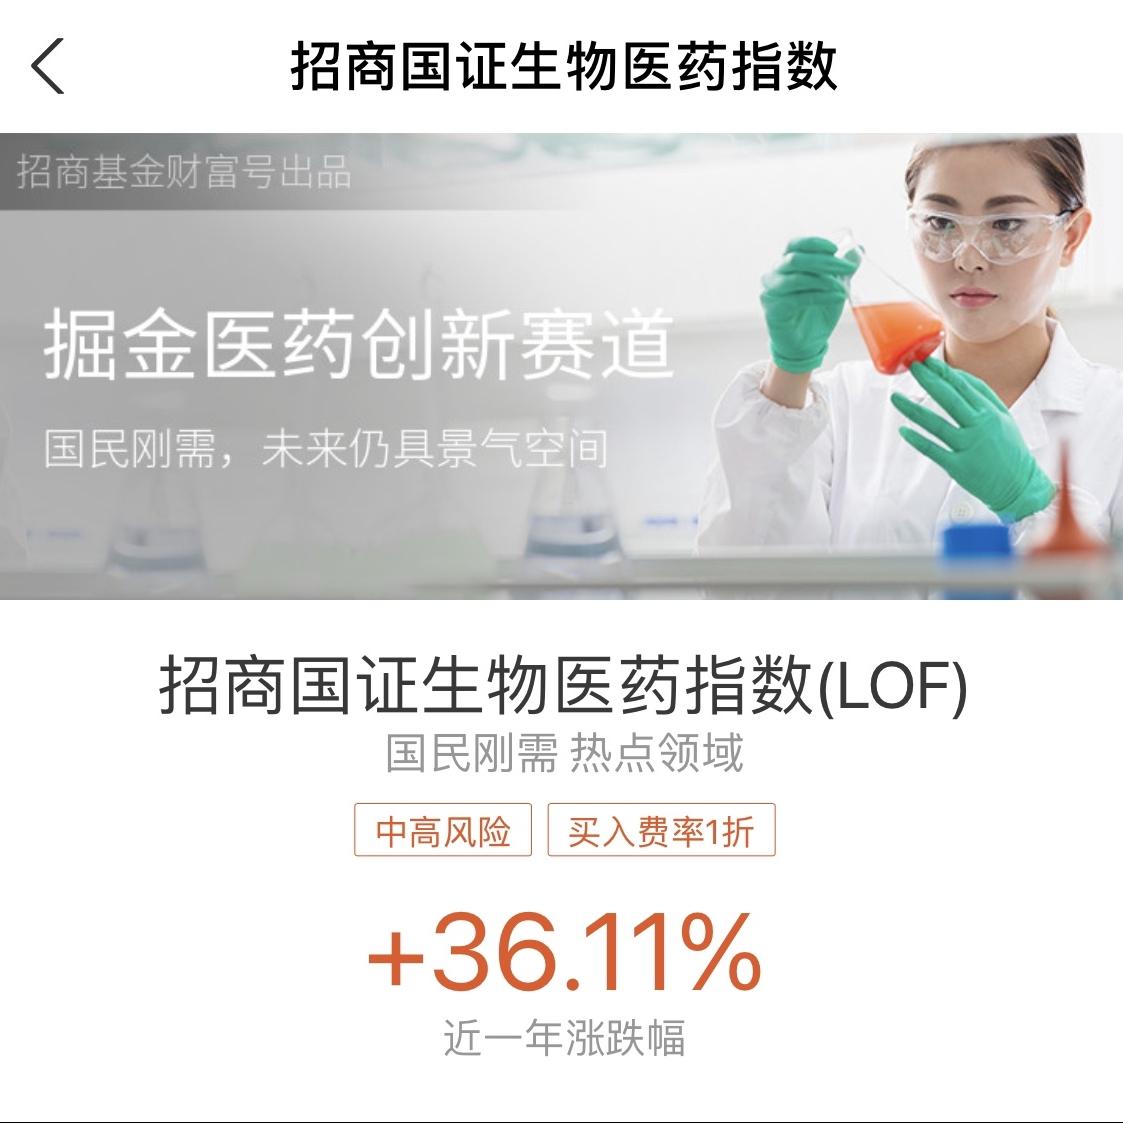 治病不如防病 掘金医药创新赛道 招商国证生物医药指数(LOF)